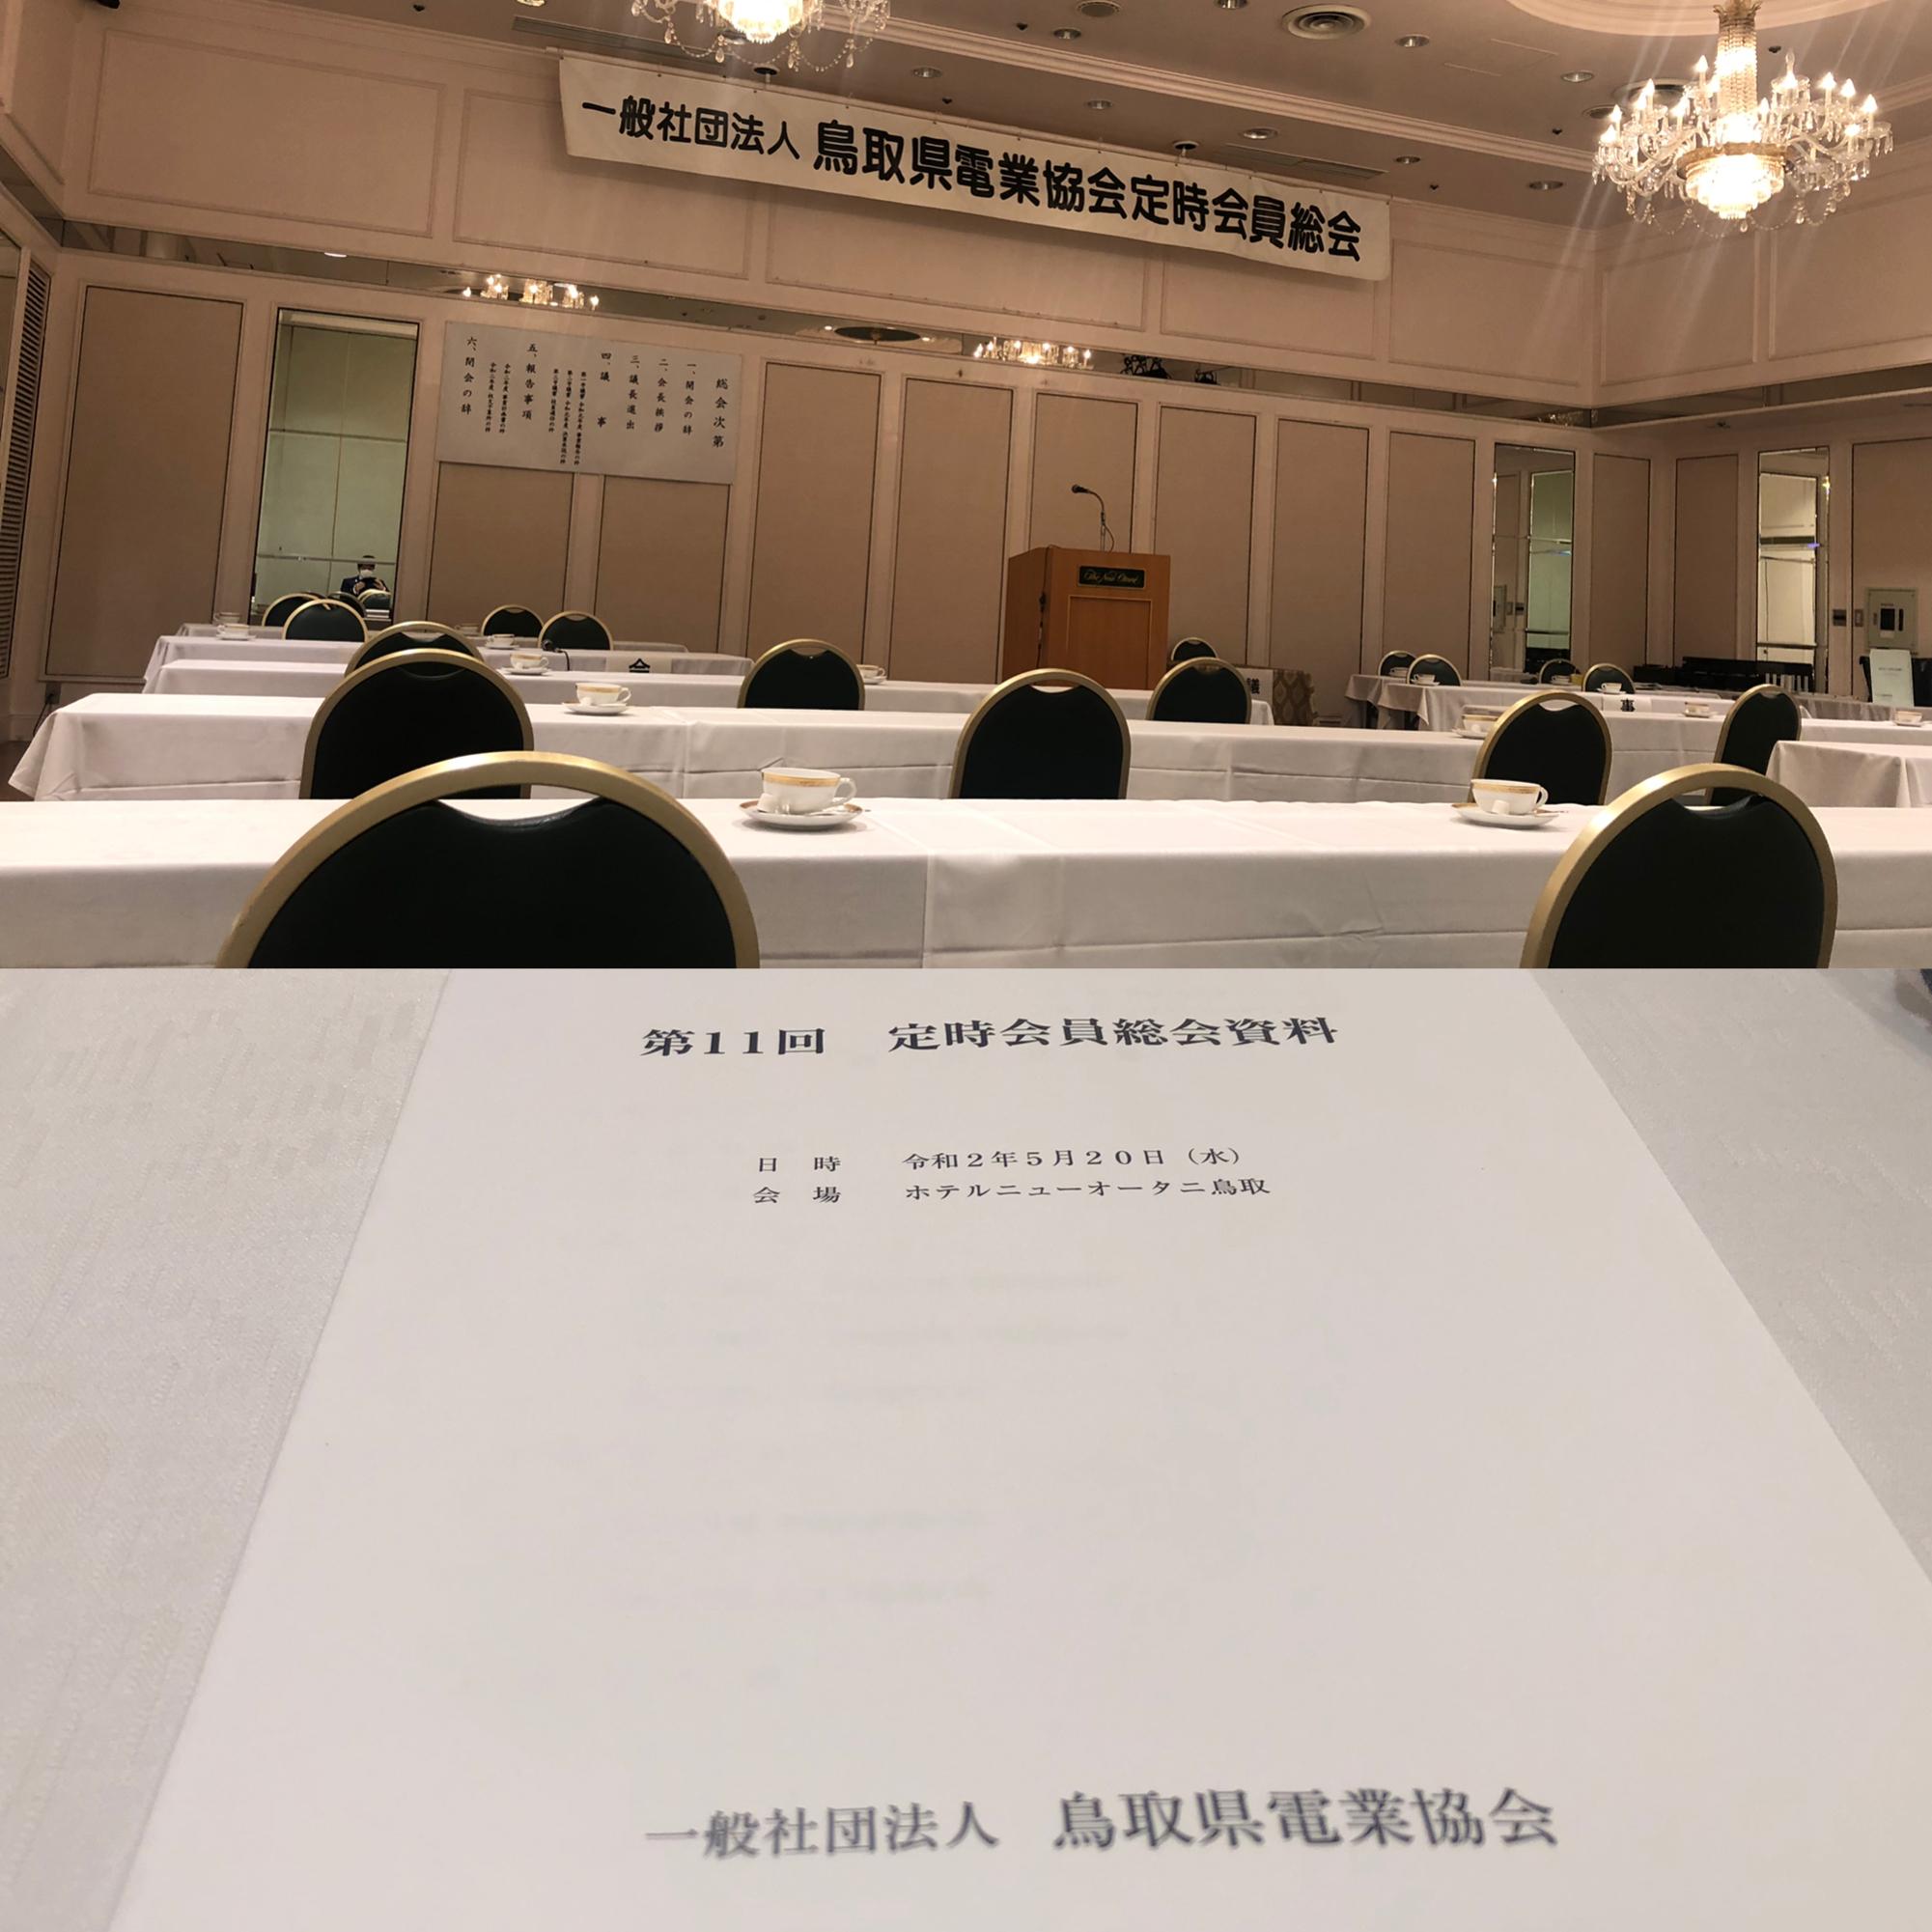 一般社団法人 鳥取県電業協会 定時会員総会 ホテルニューオータニ鳥取